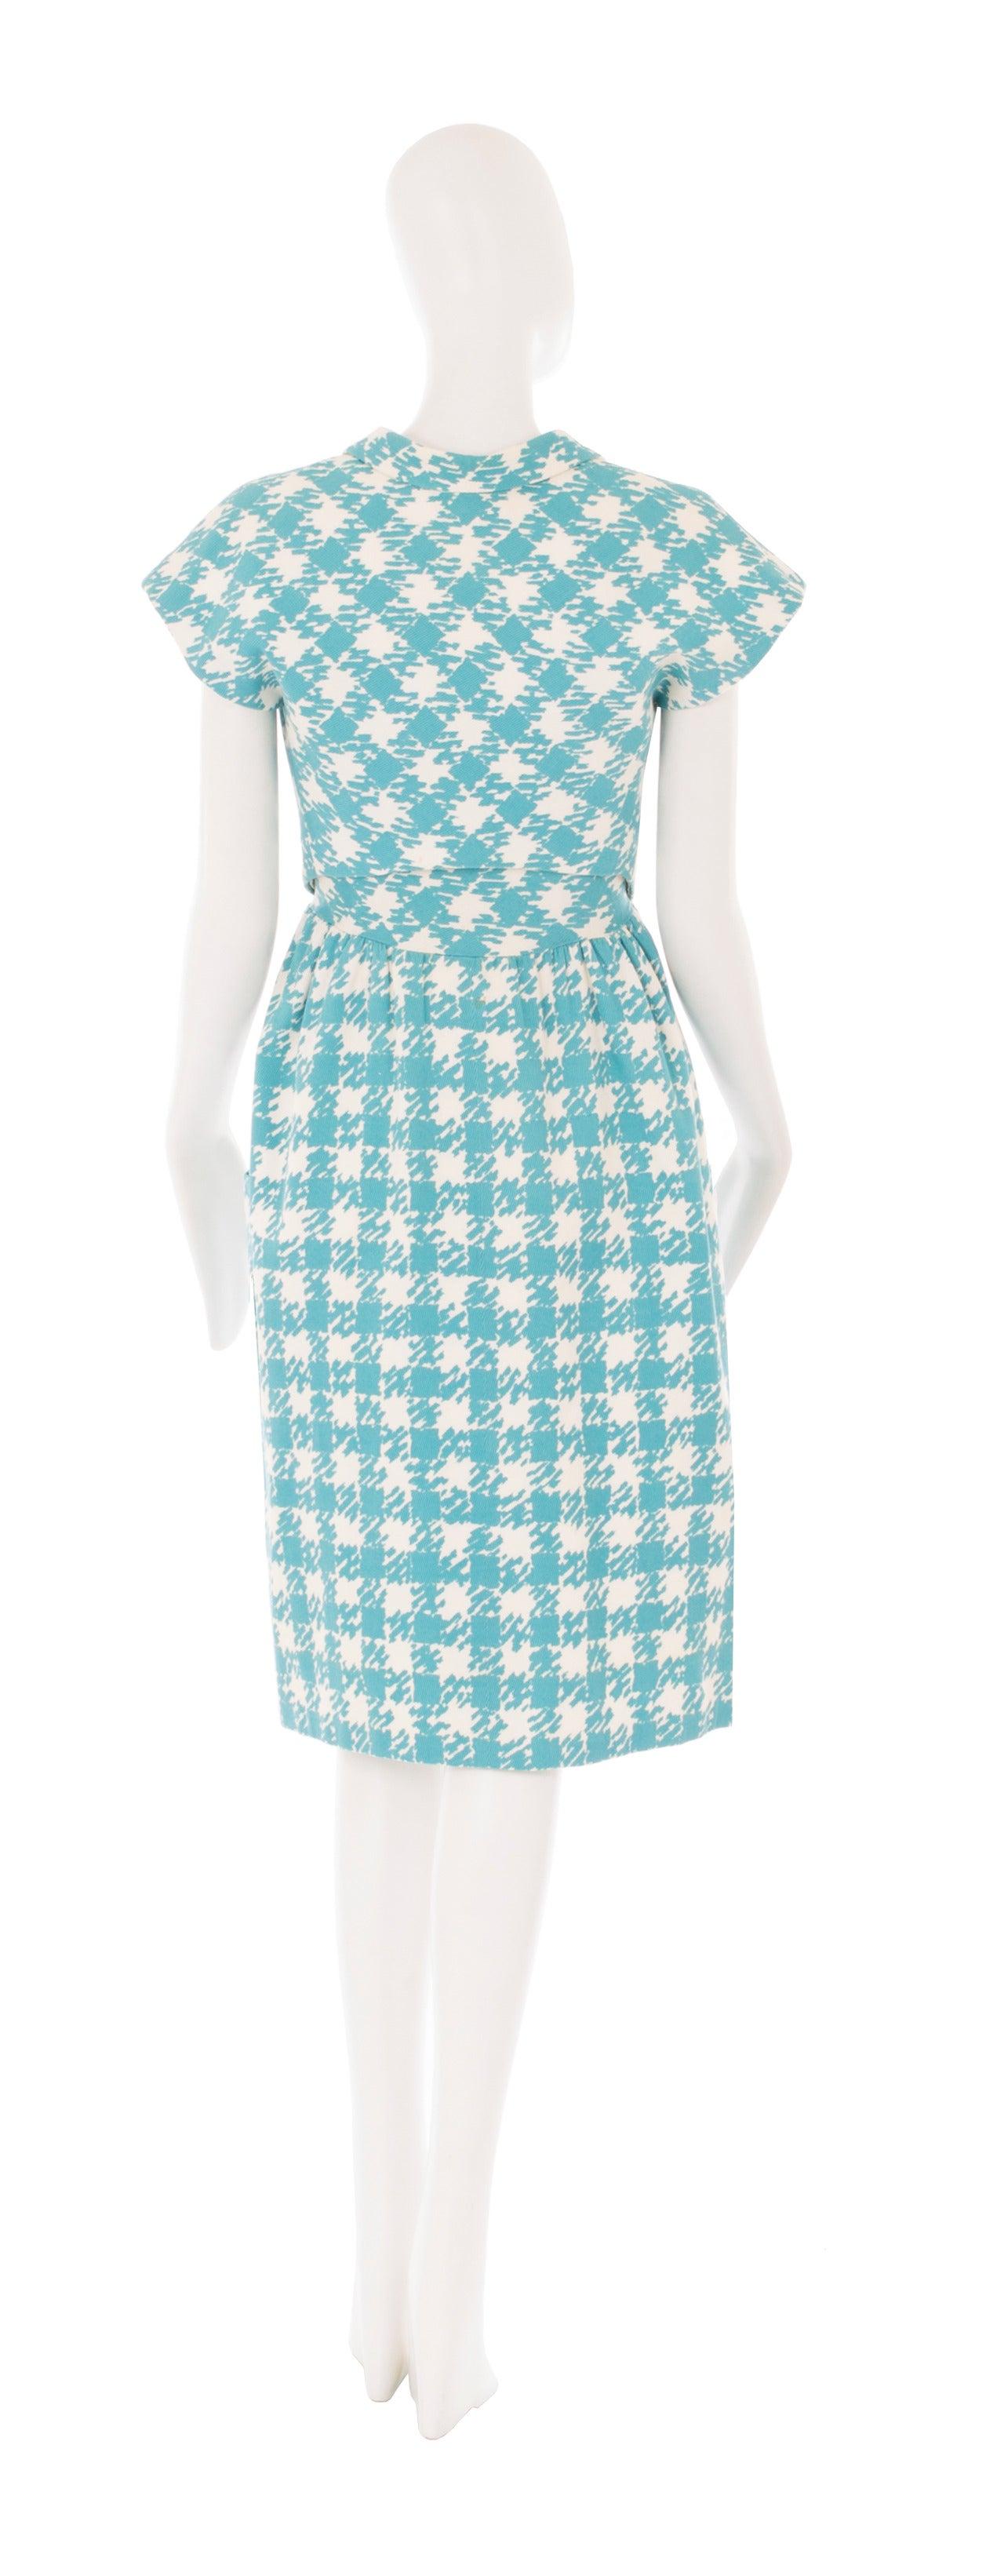 6e8ea001df58 Balenciaga Couture Dress